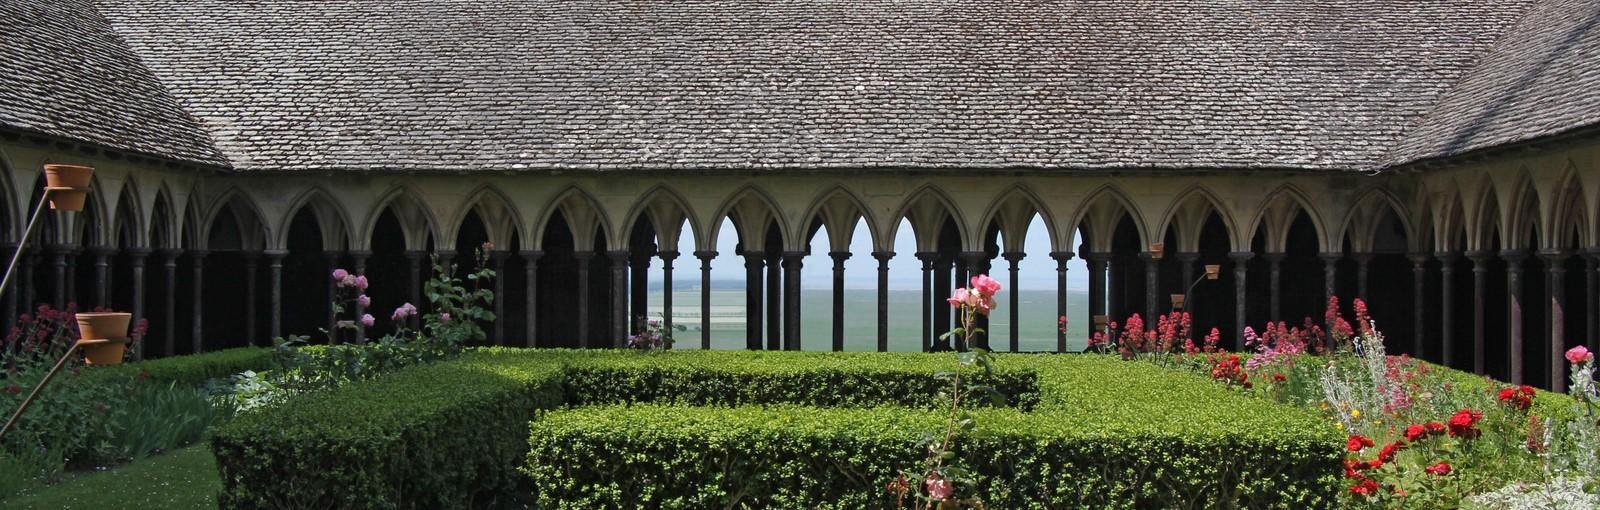 Mont-Saint-Michel - Cloître de l'abbaye